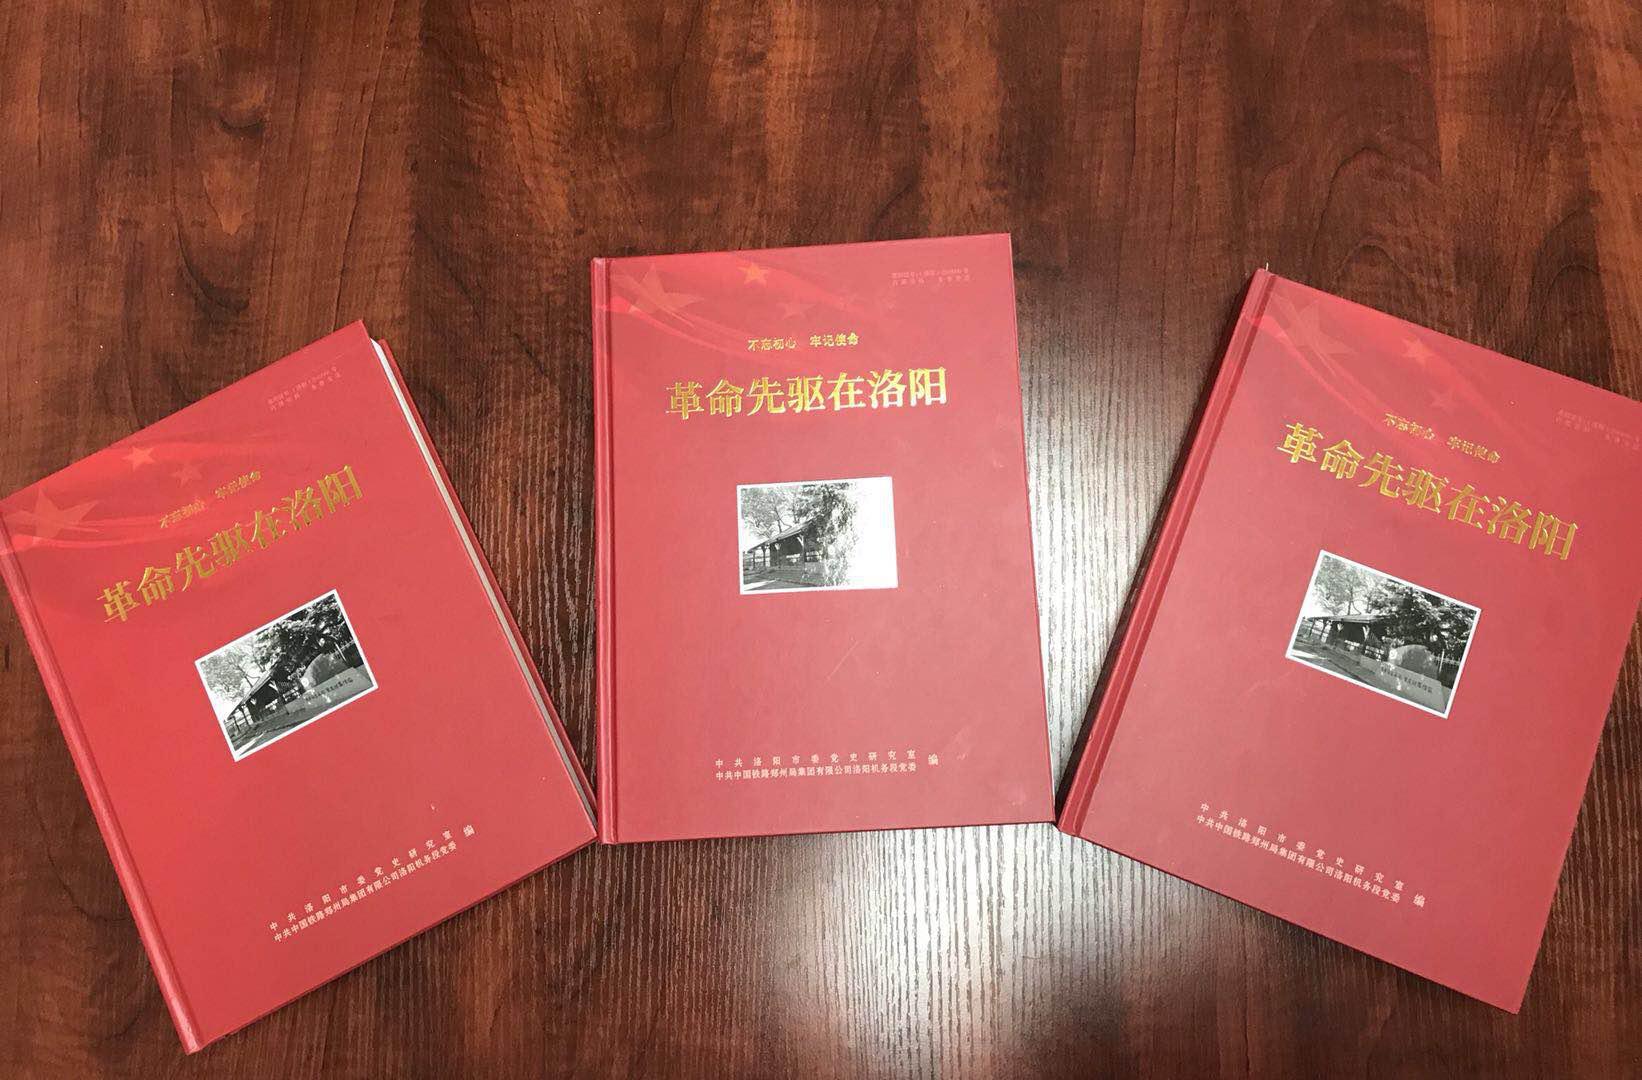 《革命先驱在洛阳》一书编辑出版